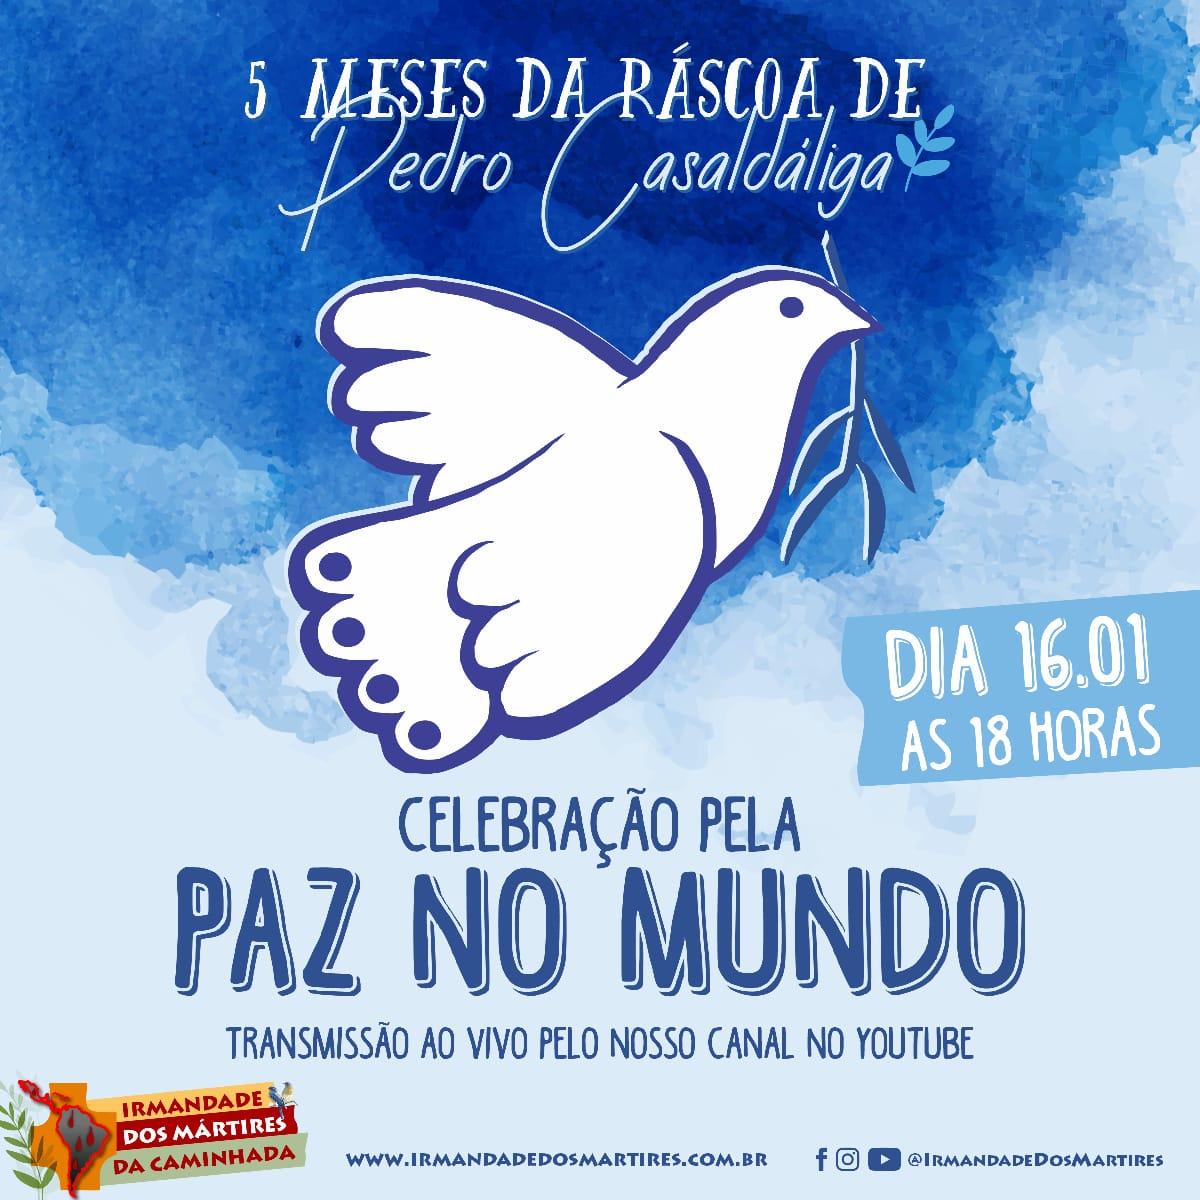 Ofício de Memória pelos 5 meses da Páscoa de Dom Pedro Casaldáliga